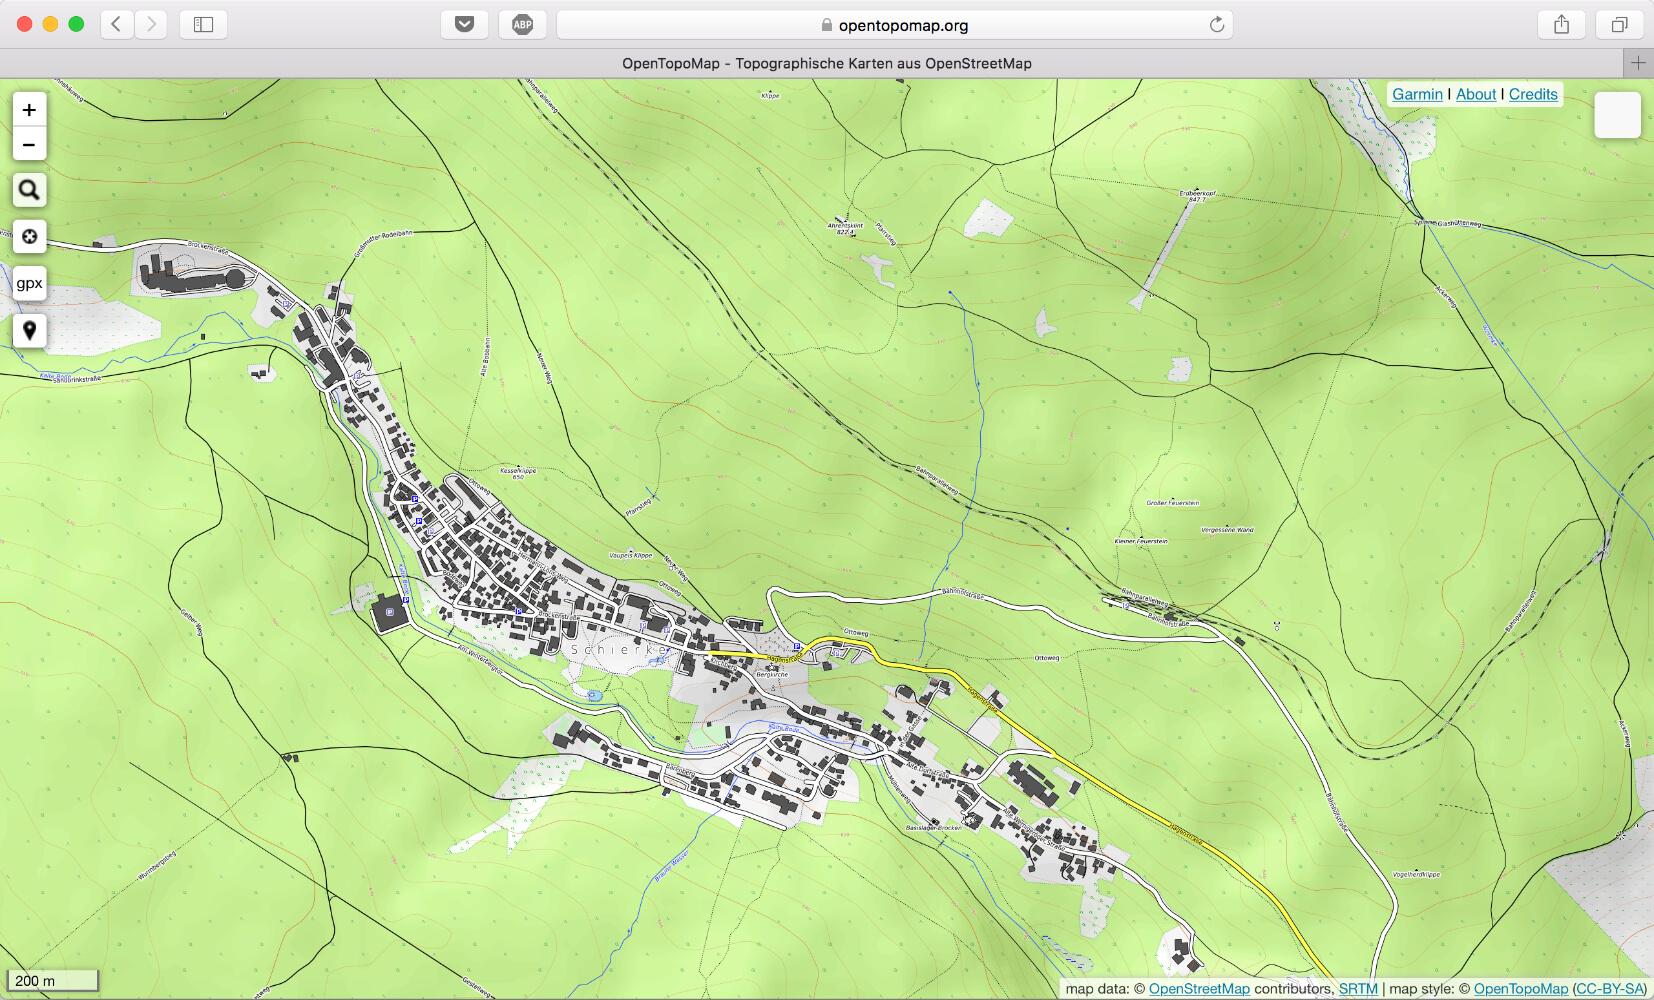 Karten, Pläne und Geotagging | Rathgeber Photos